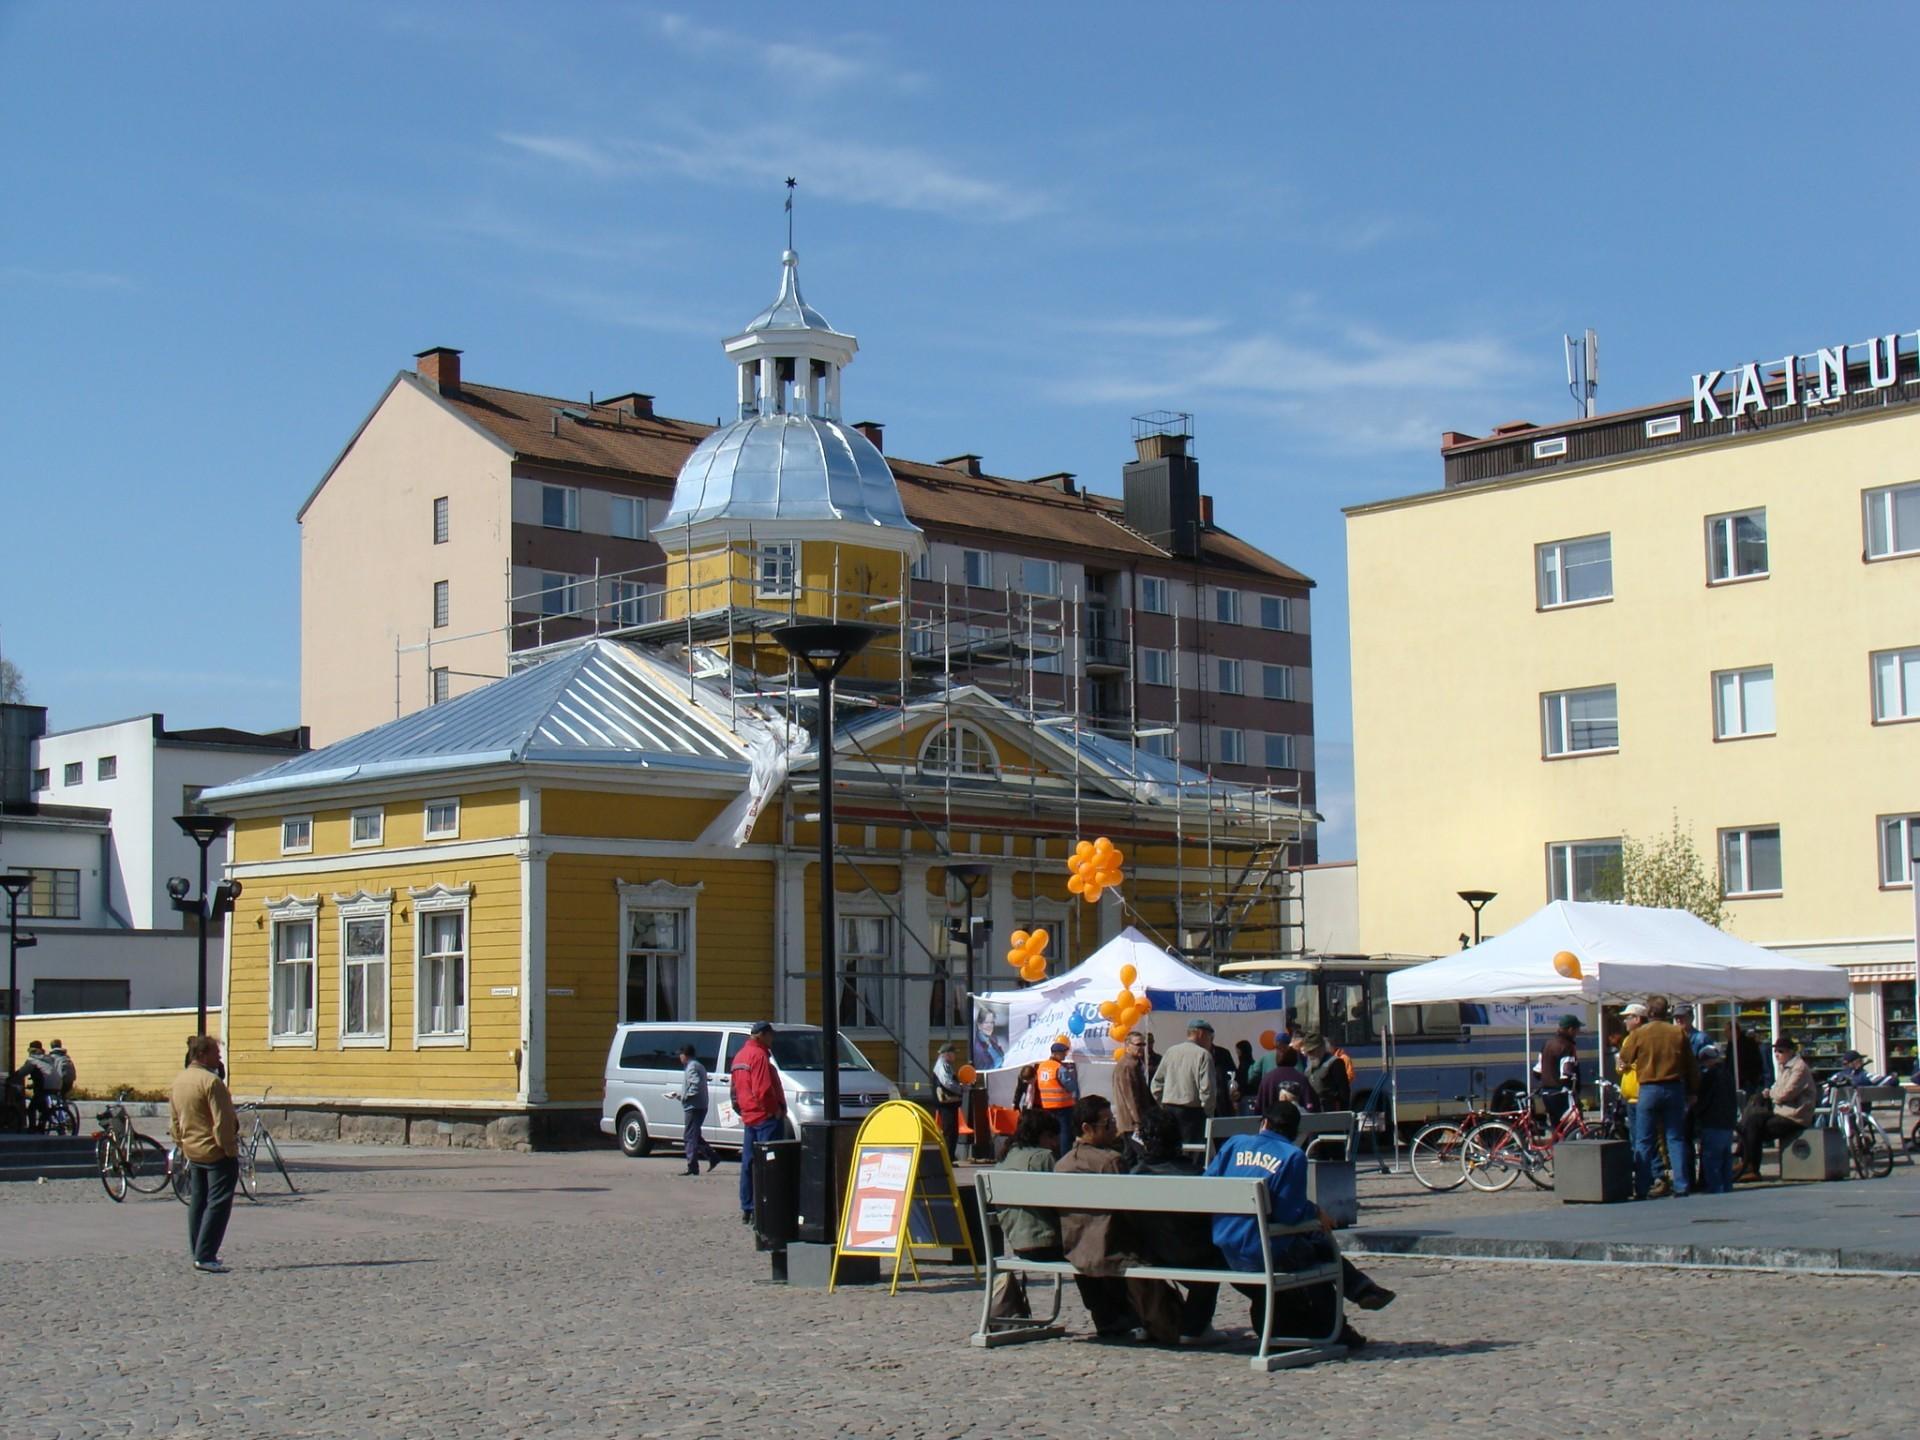 EU-tapahtuma Kajaanin Raatihuoneentorilla toukokuussa 2009